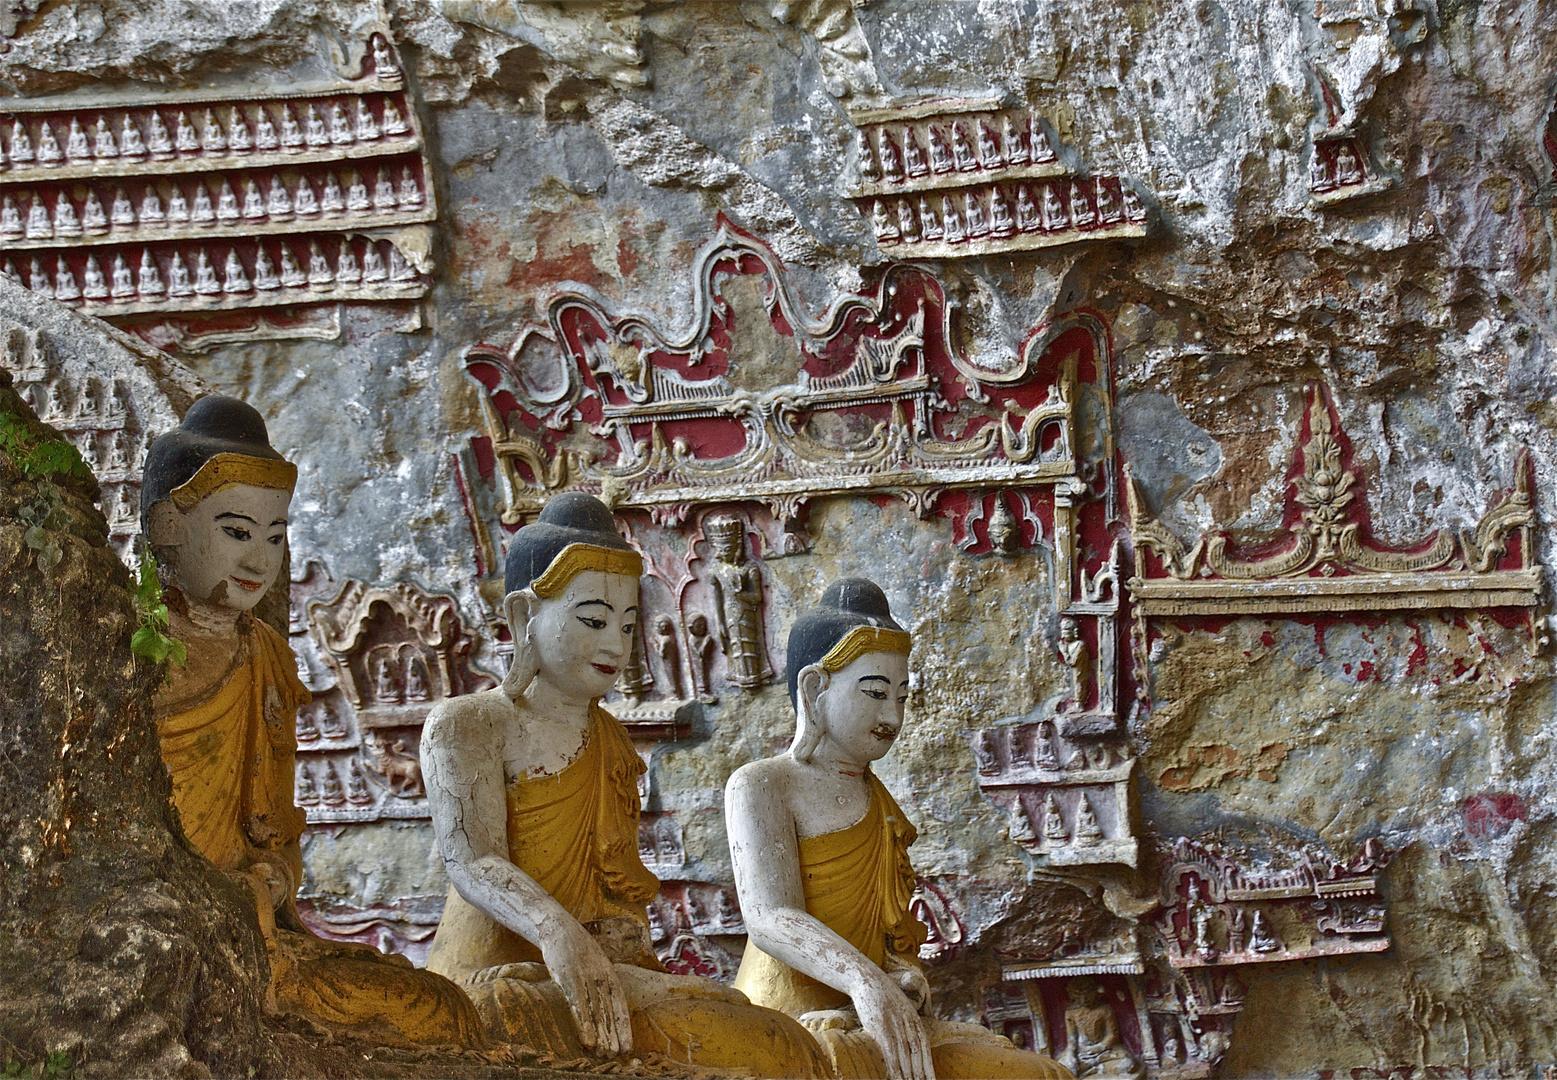 höhlenbuddha IV